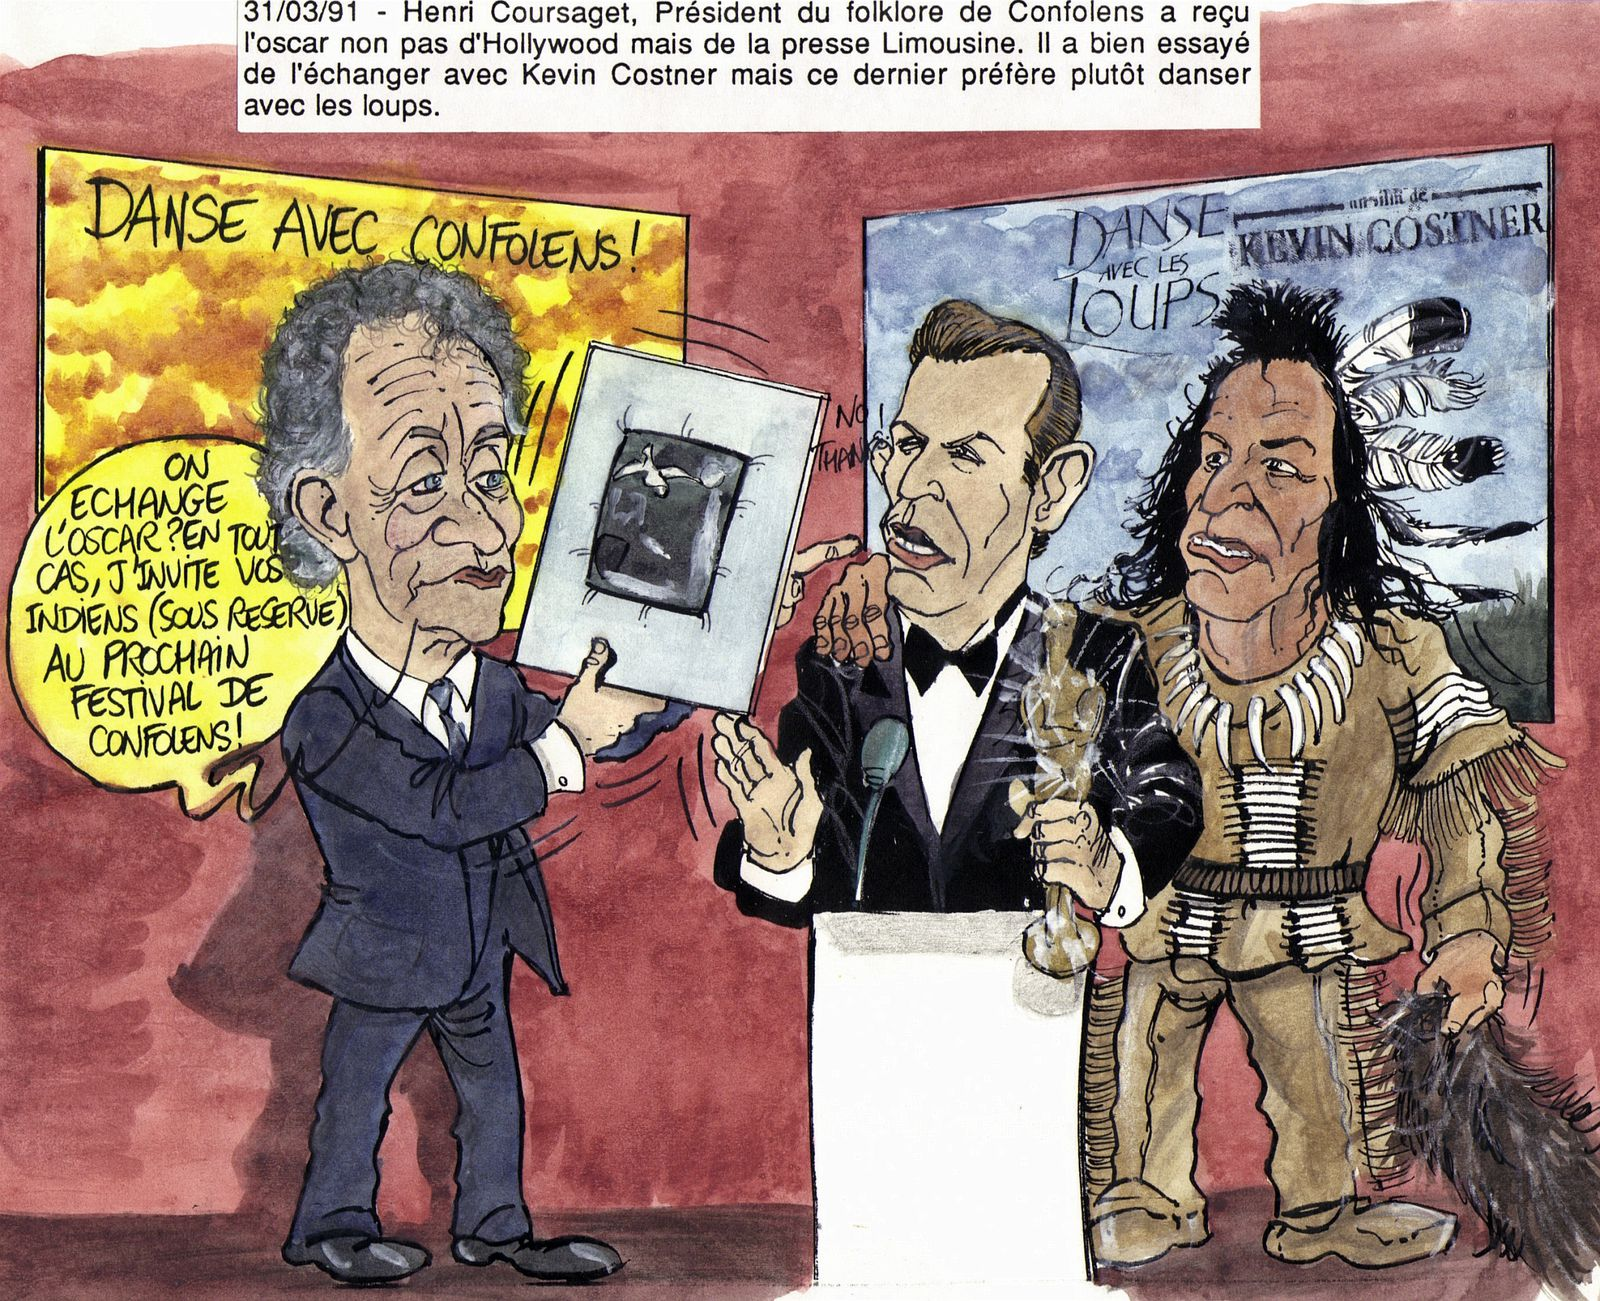 mars 91 Henri Coursaget président des folklores de Confole